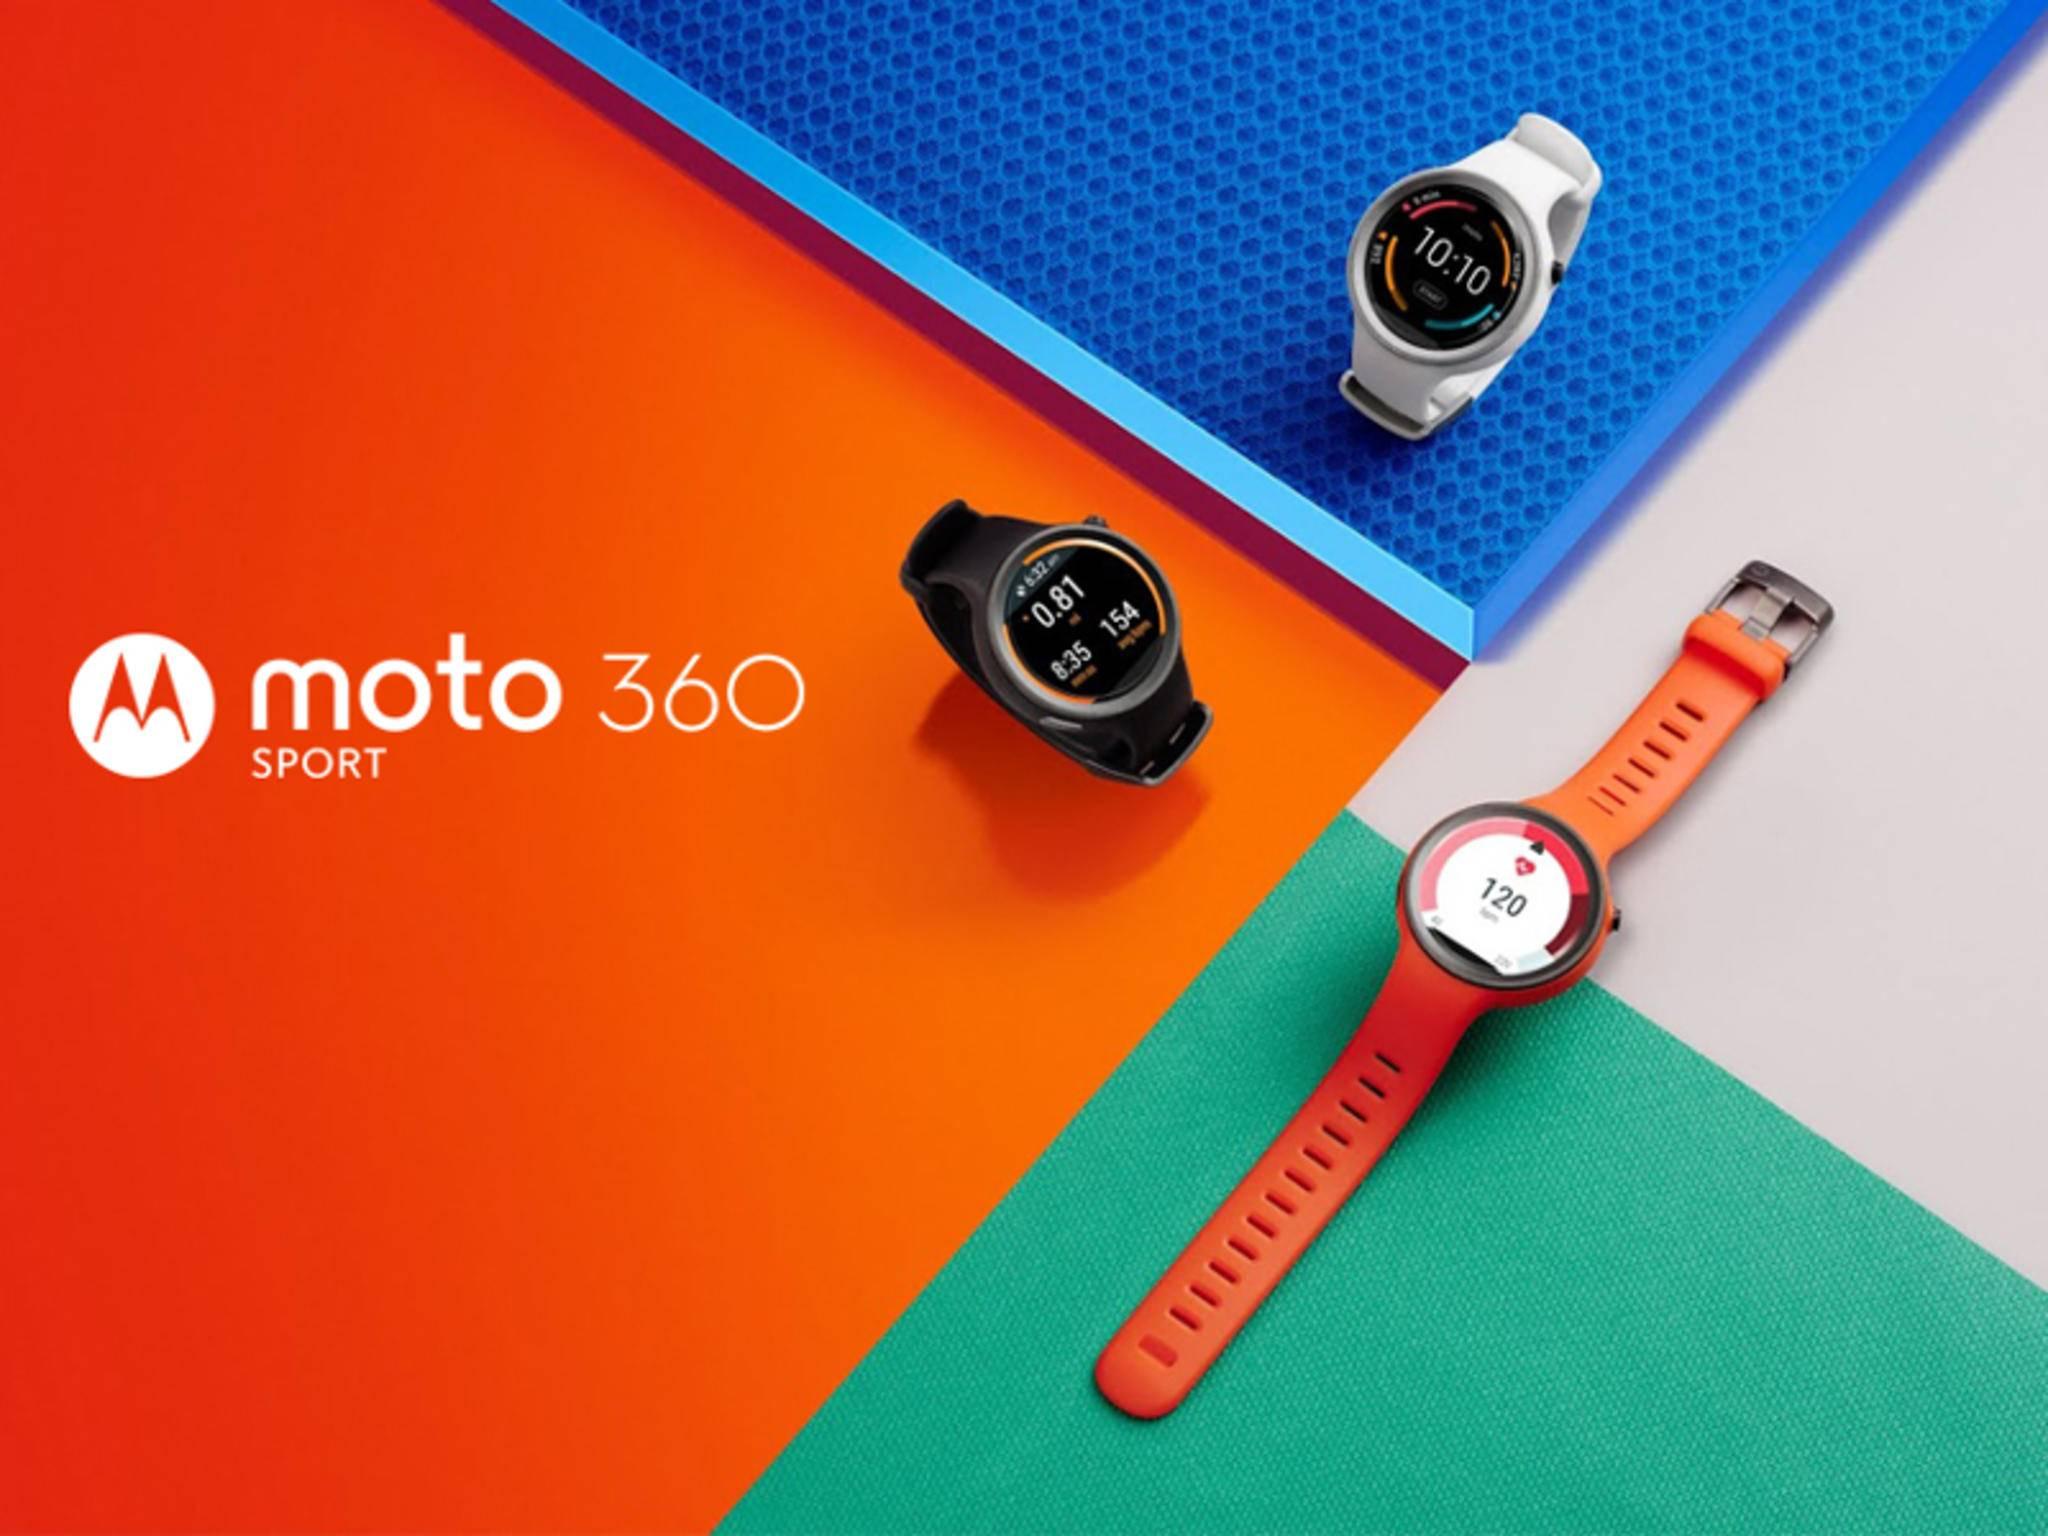 Die Moto 360 Sport richtet sich vor allem an Sportler.